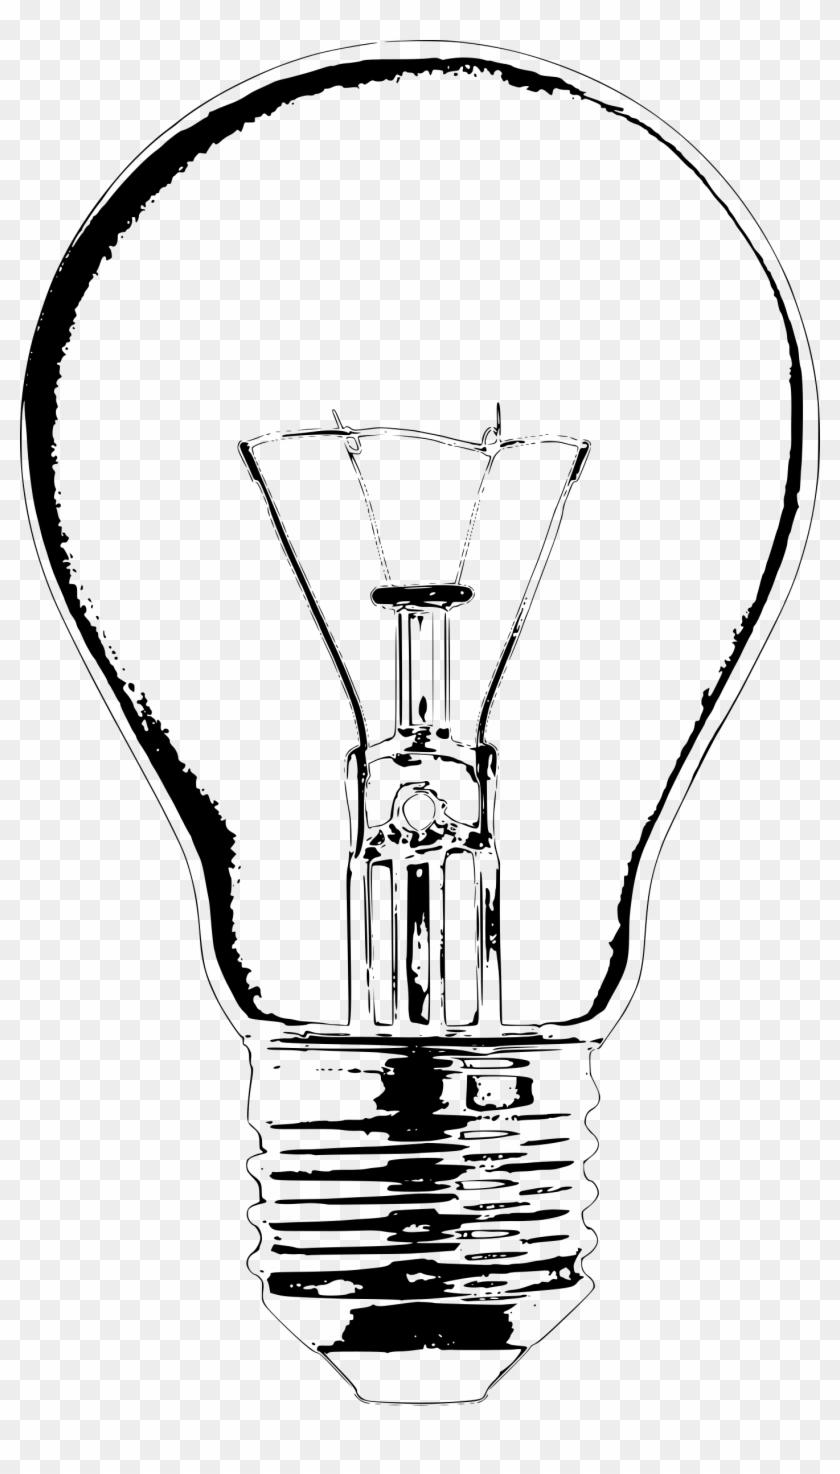 Clipart Lightbulb.